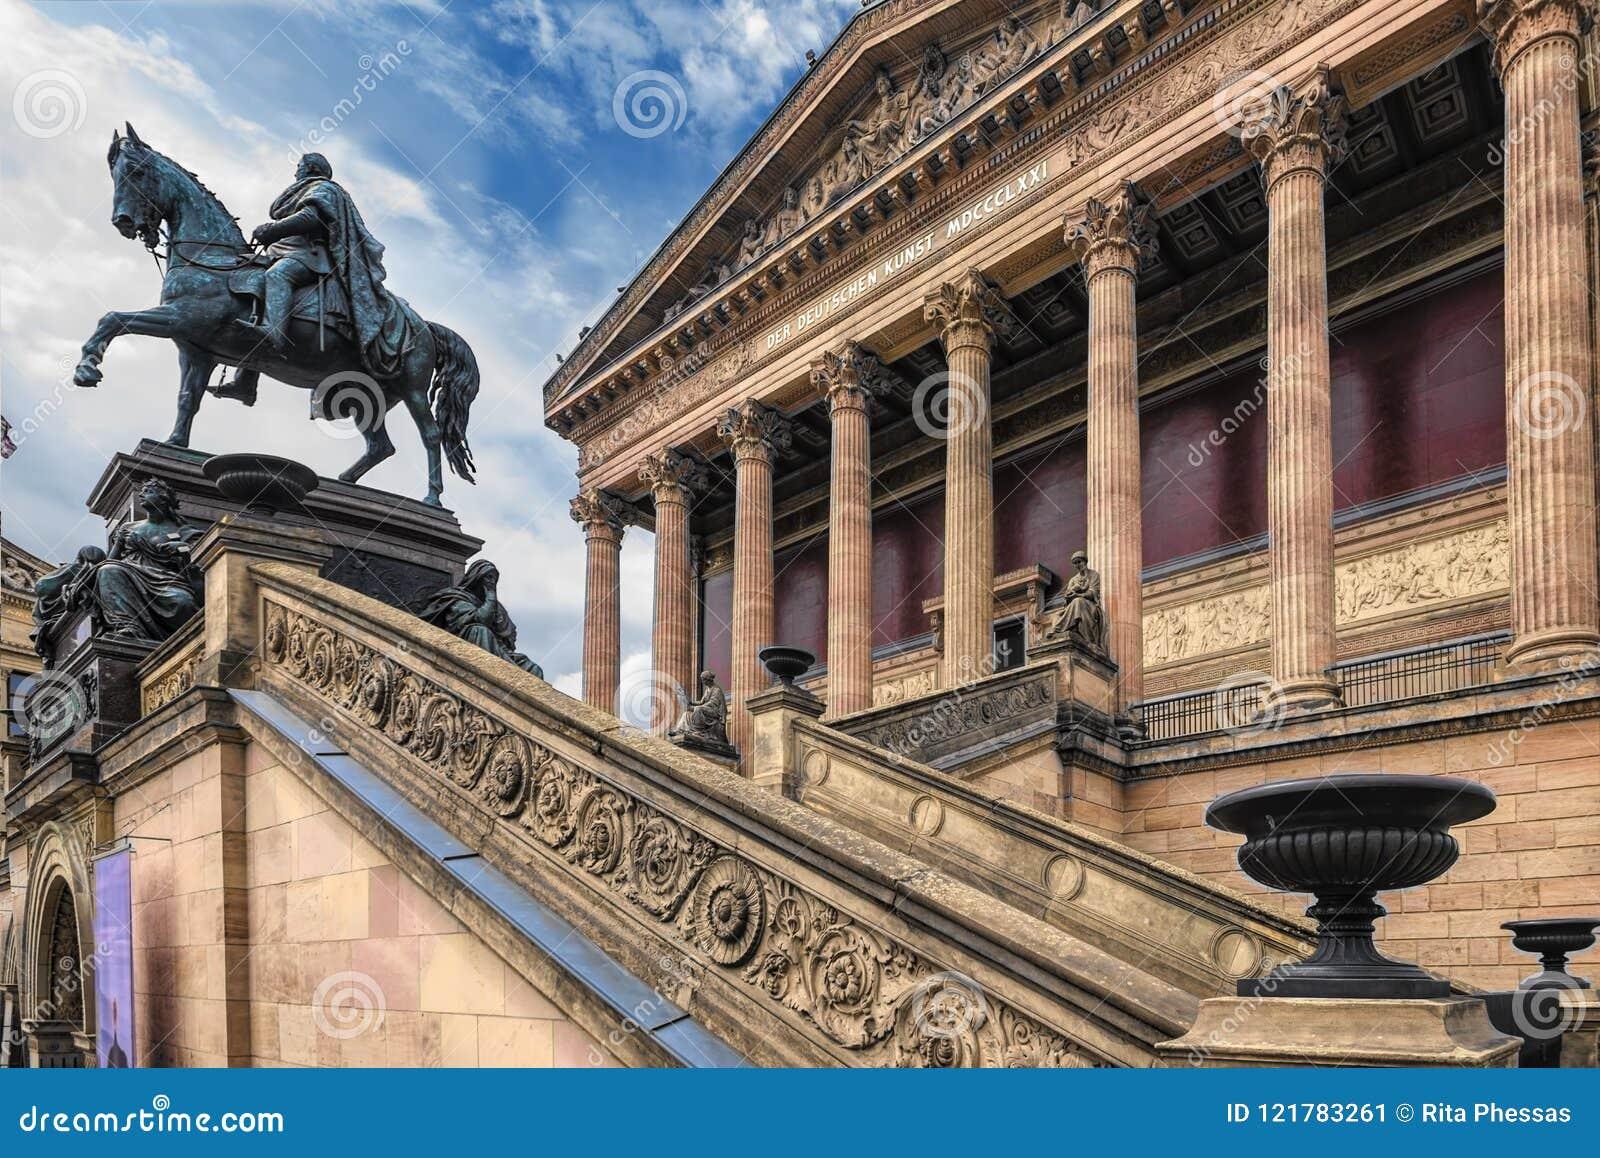 Berlin Germany opinión del 10 de julio de 2018 desde un punto de vista bajo en una parte de la escalera ingenioso hecha a mano, y